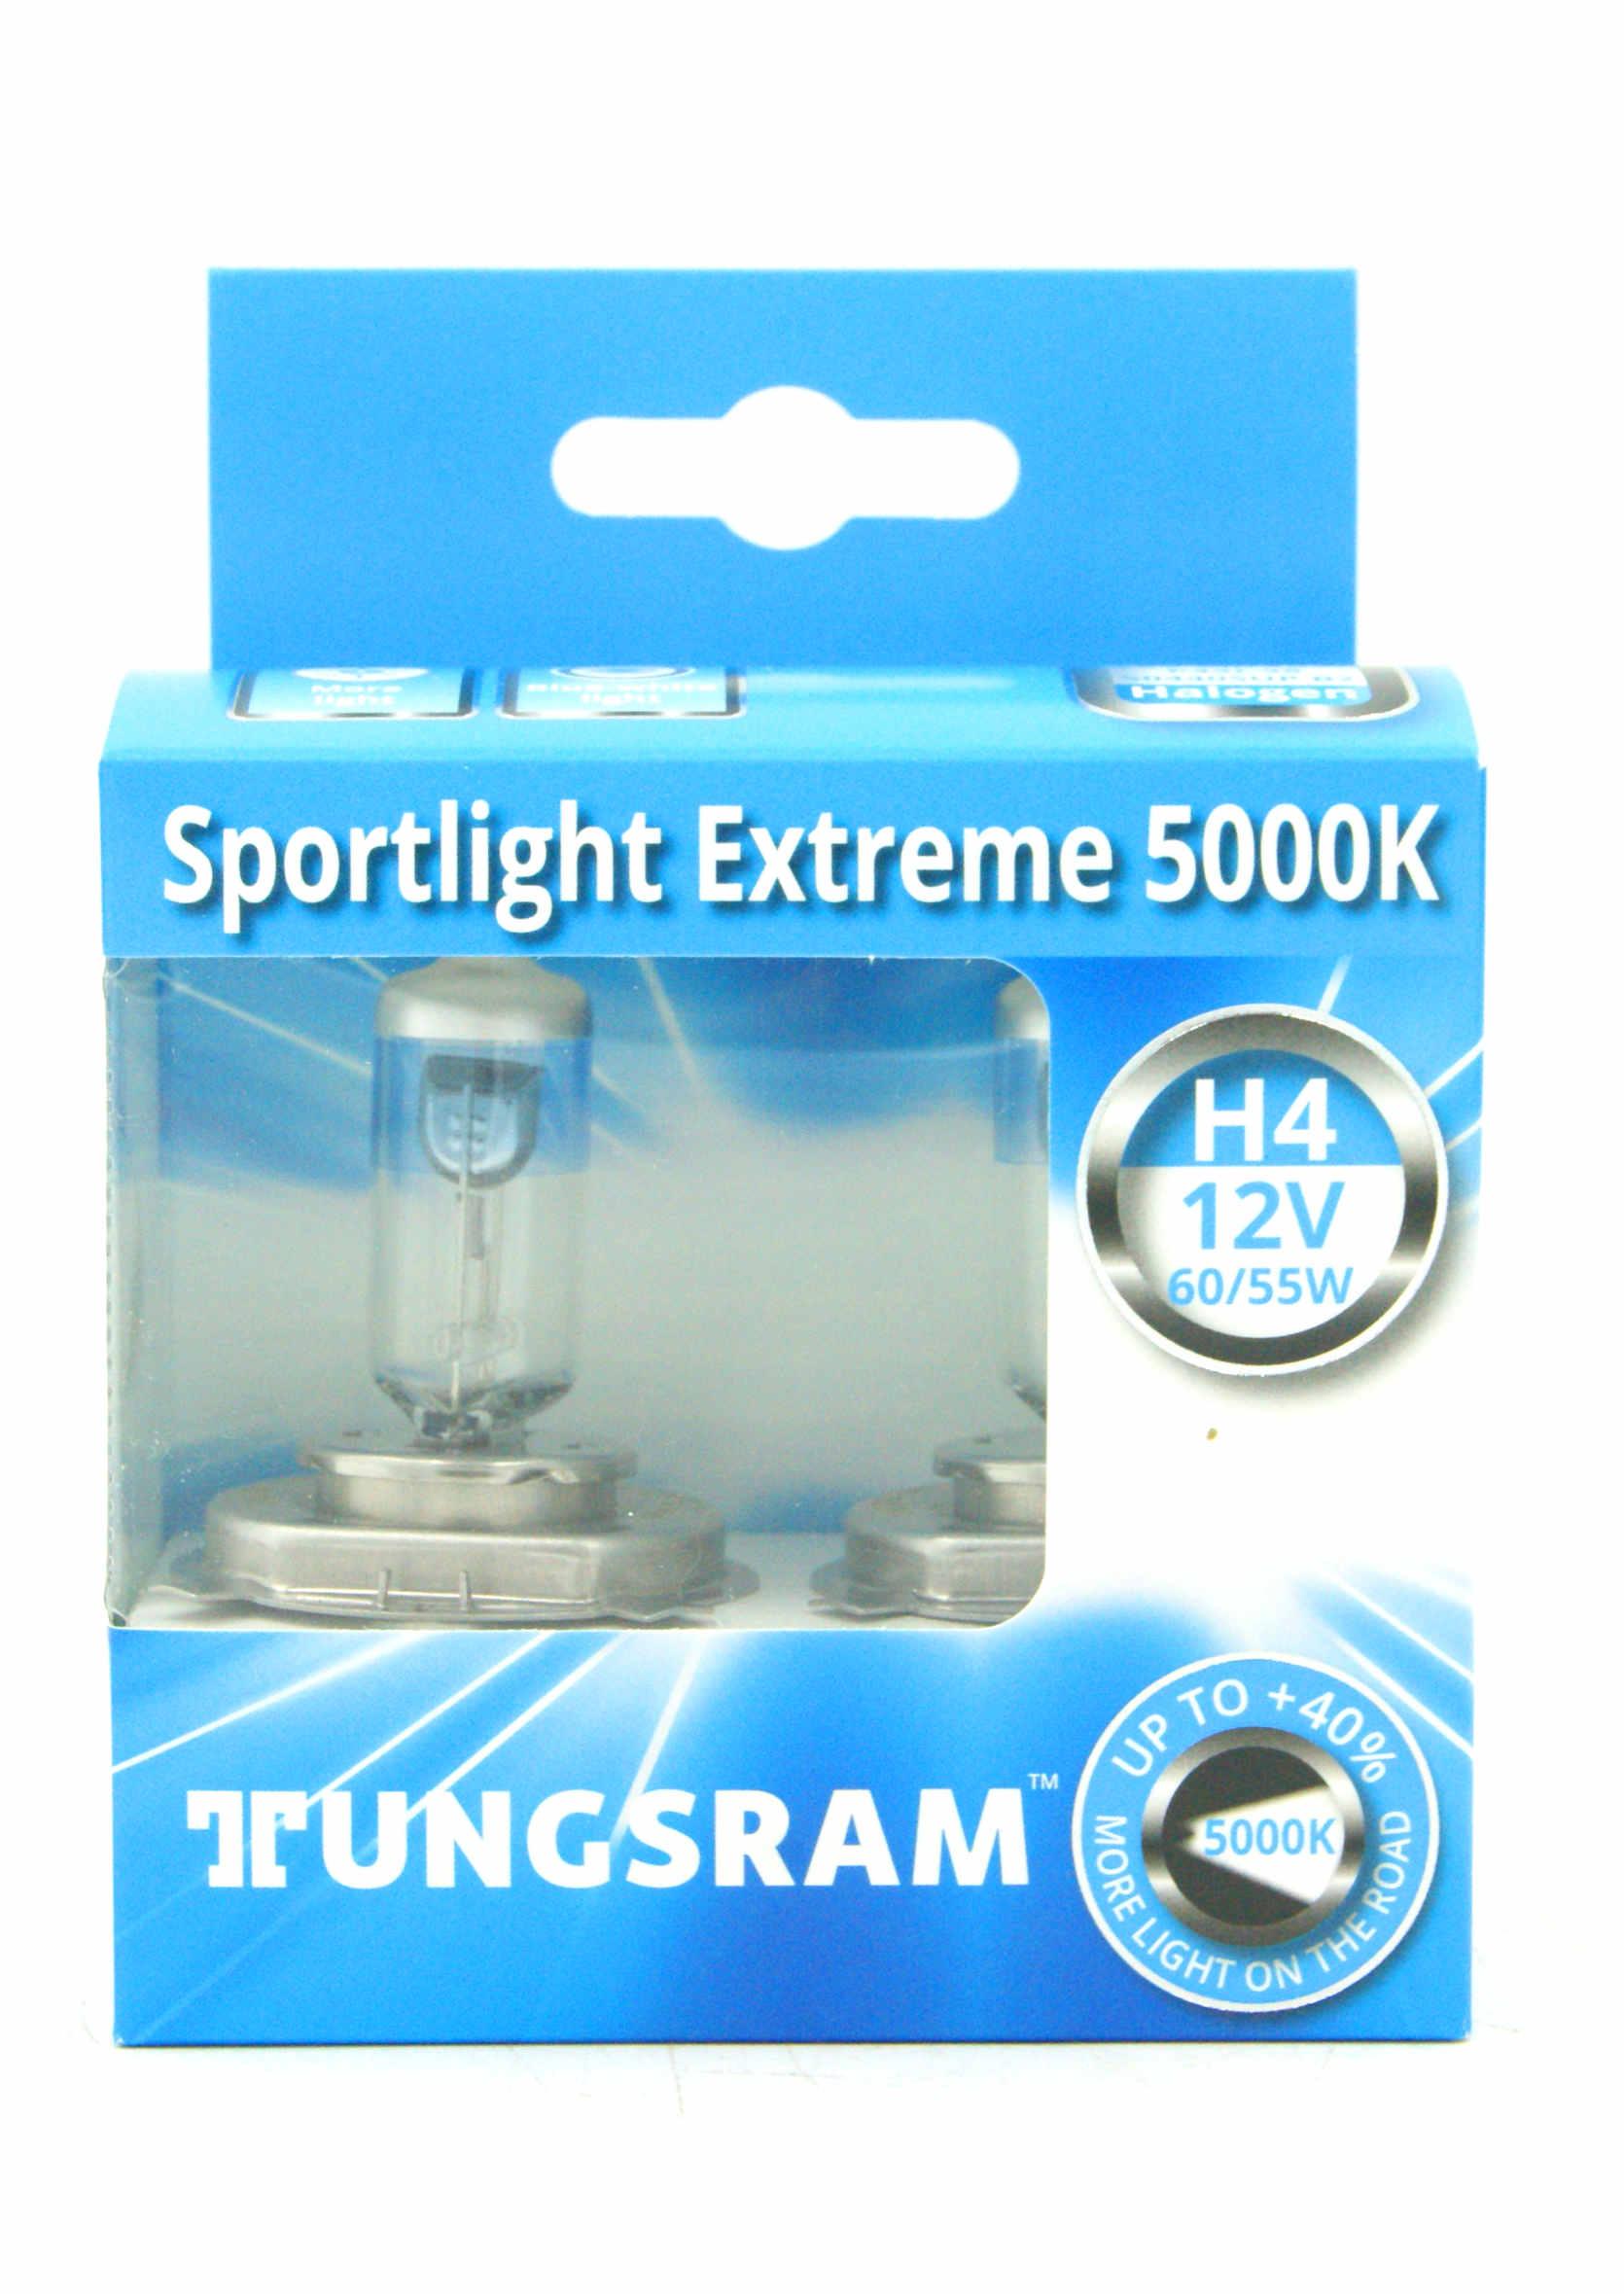 Tungsram Sportlight Extreme +40% H4 12V 60/55W P43t Żarówki Samochodowe 5000K 2szt.